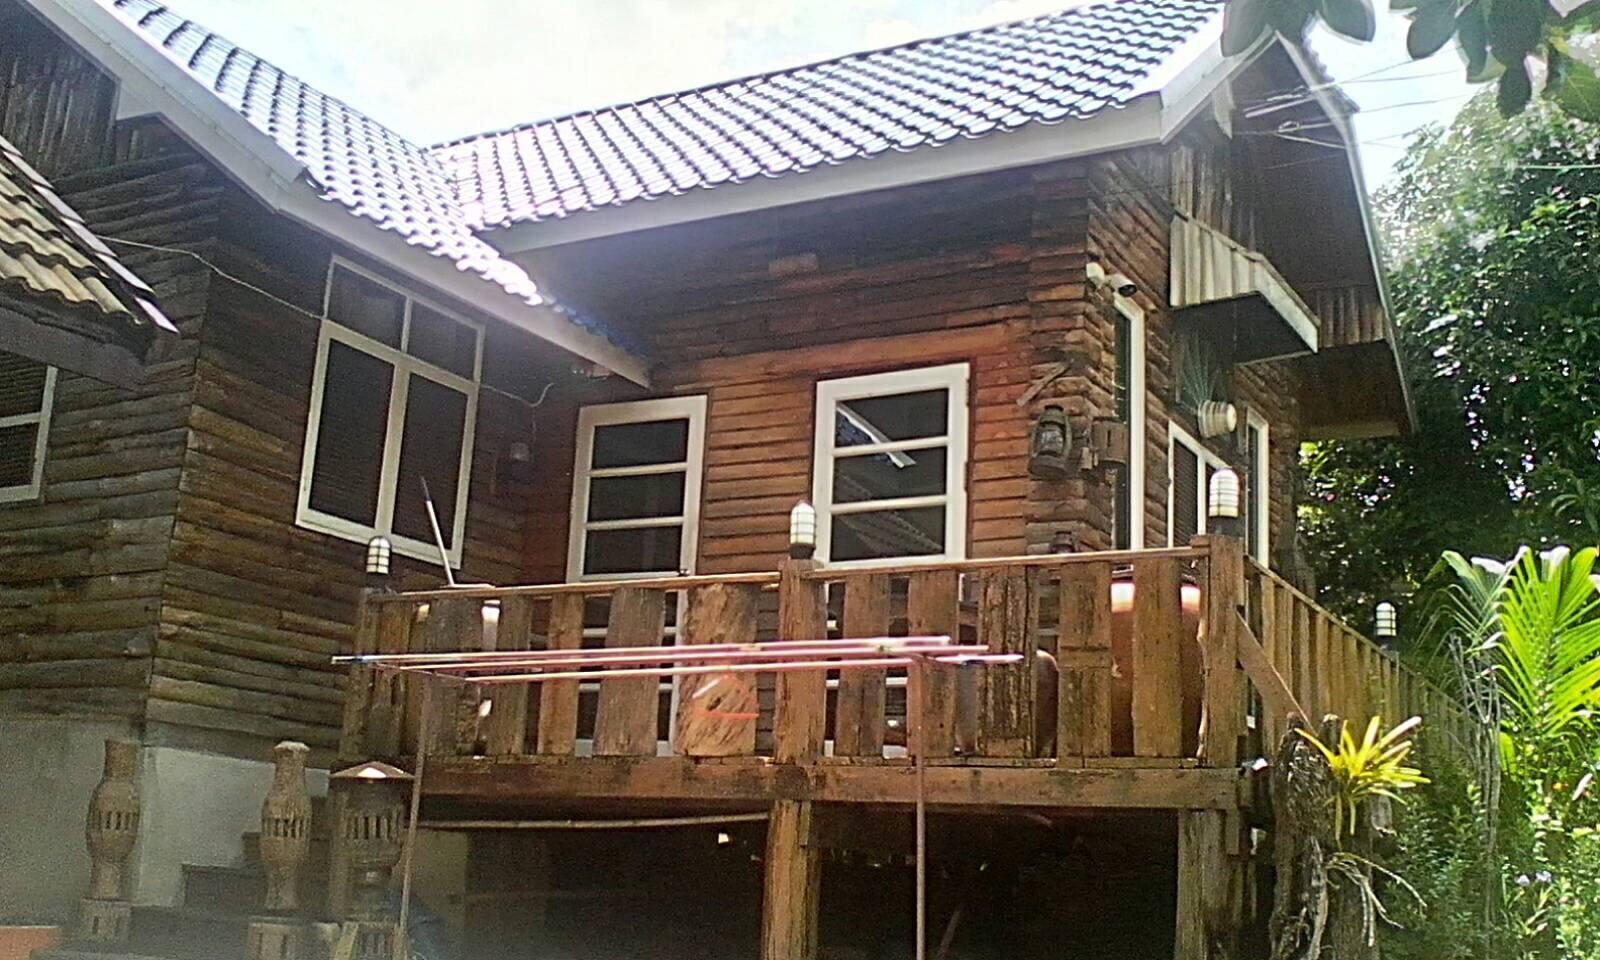 ขายบ้าน 2 หลัง ในที่ดิน 100 ตรว. (ติดตลาดนนทบุรี) 089-844-8404 รูปที่ 1